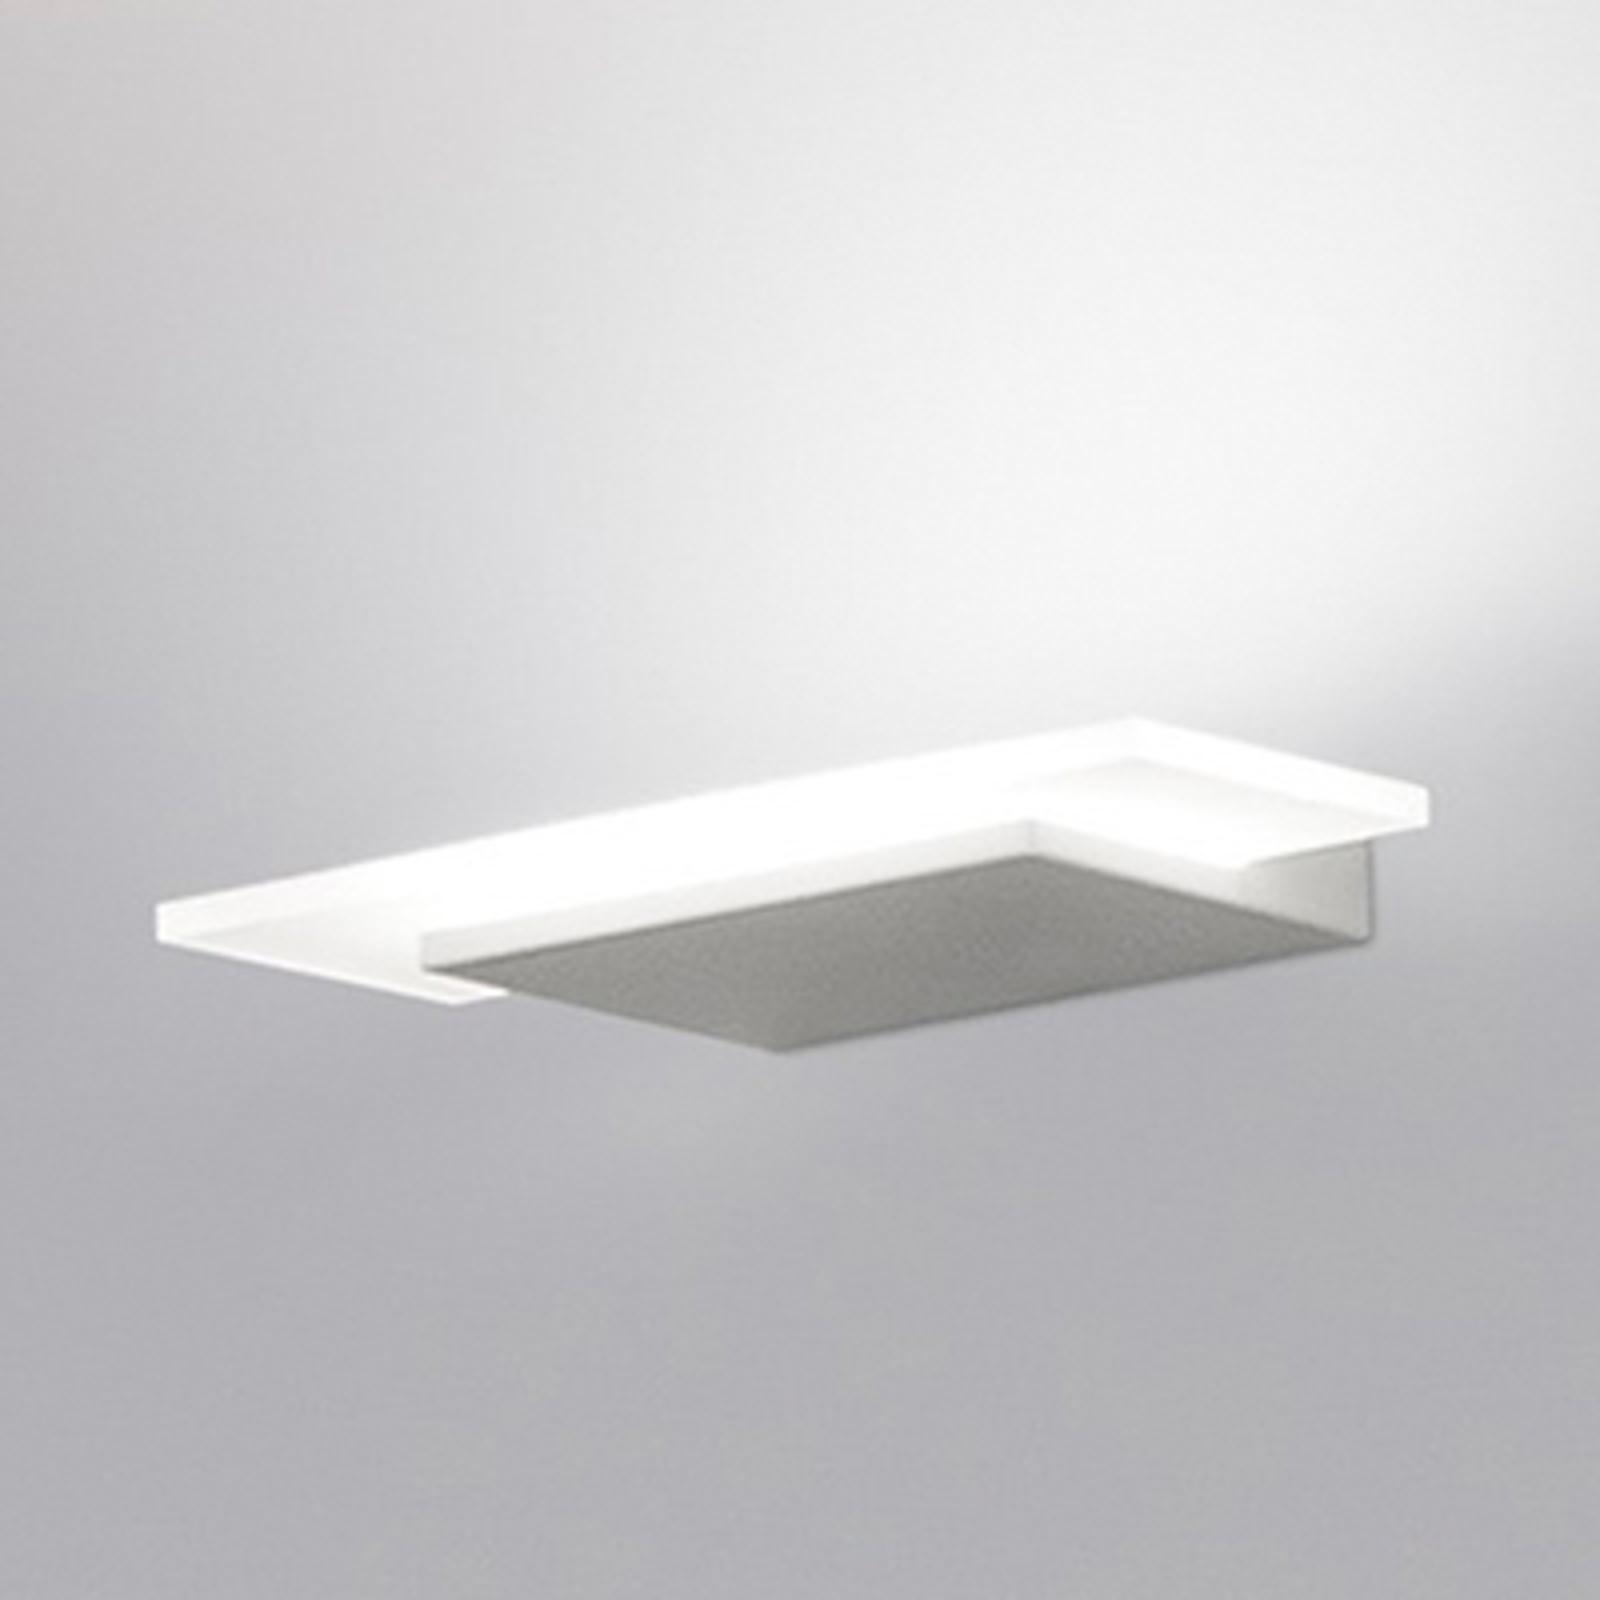 Dublight - LED-Wandleuchte, 30 cm